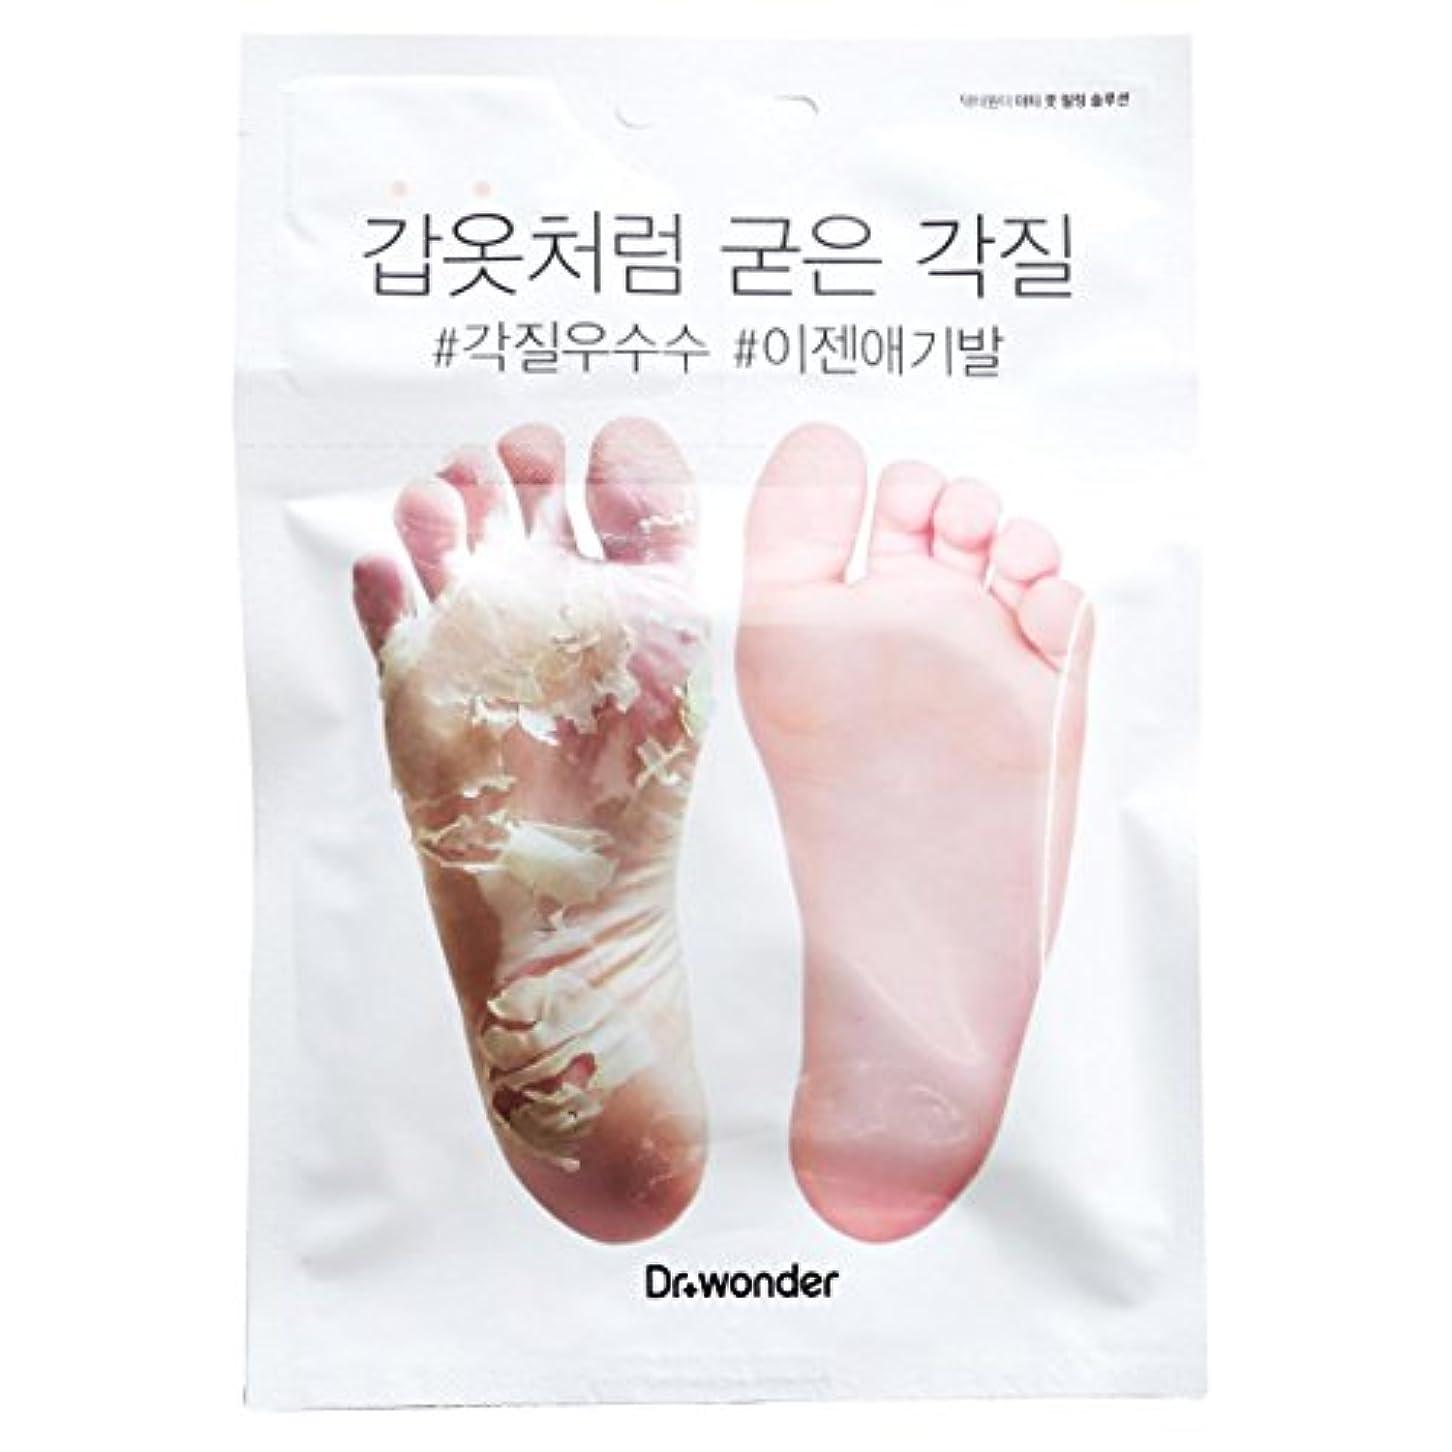 キャベツ確保する半球[ドクターワンダー/ Dr+ wonder] Good Bye, Dirty Foot! Doctor Wonder Crocodile Foot Mask Pack / ドクターワンダーワニバルペク/鎧のような硬い角質...